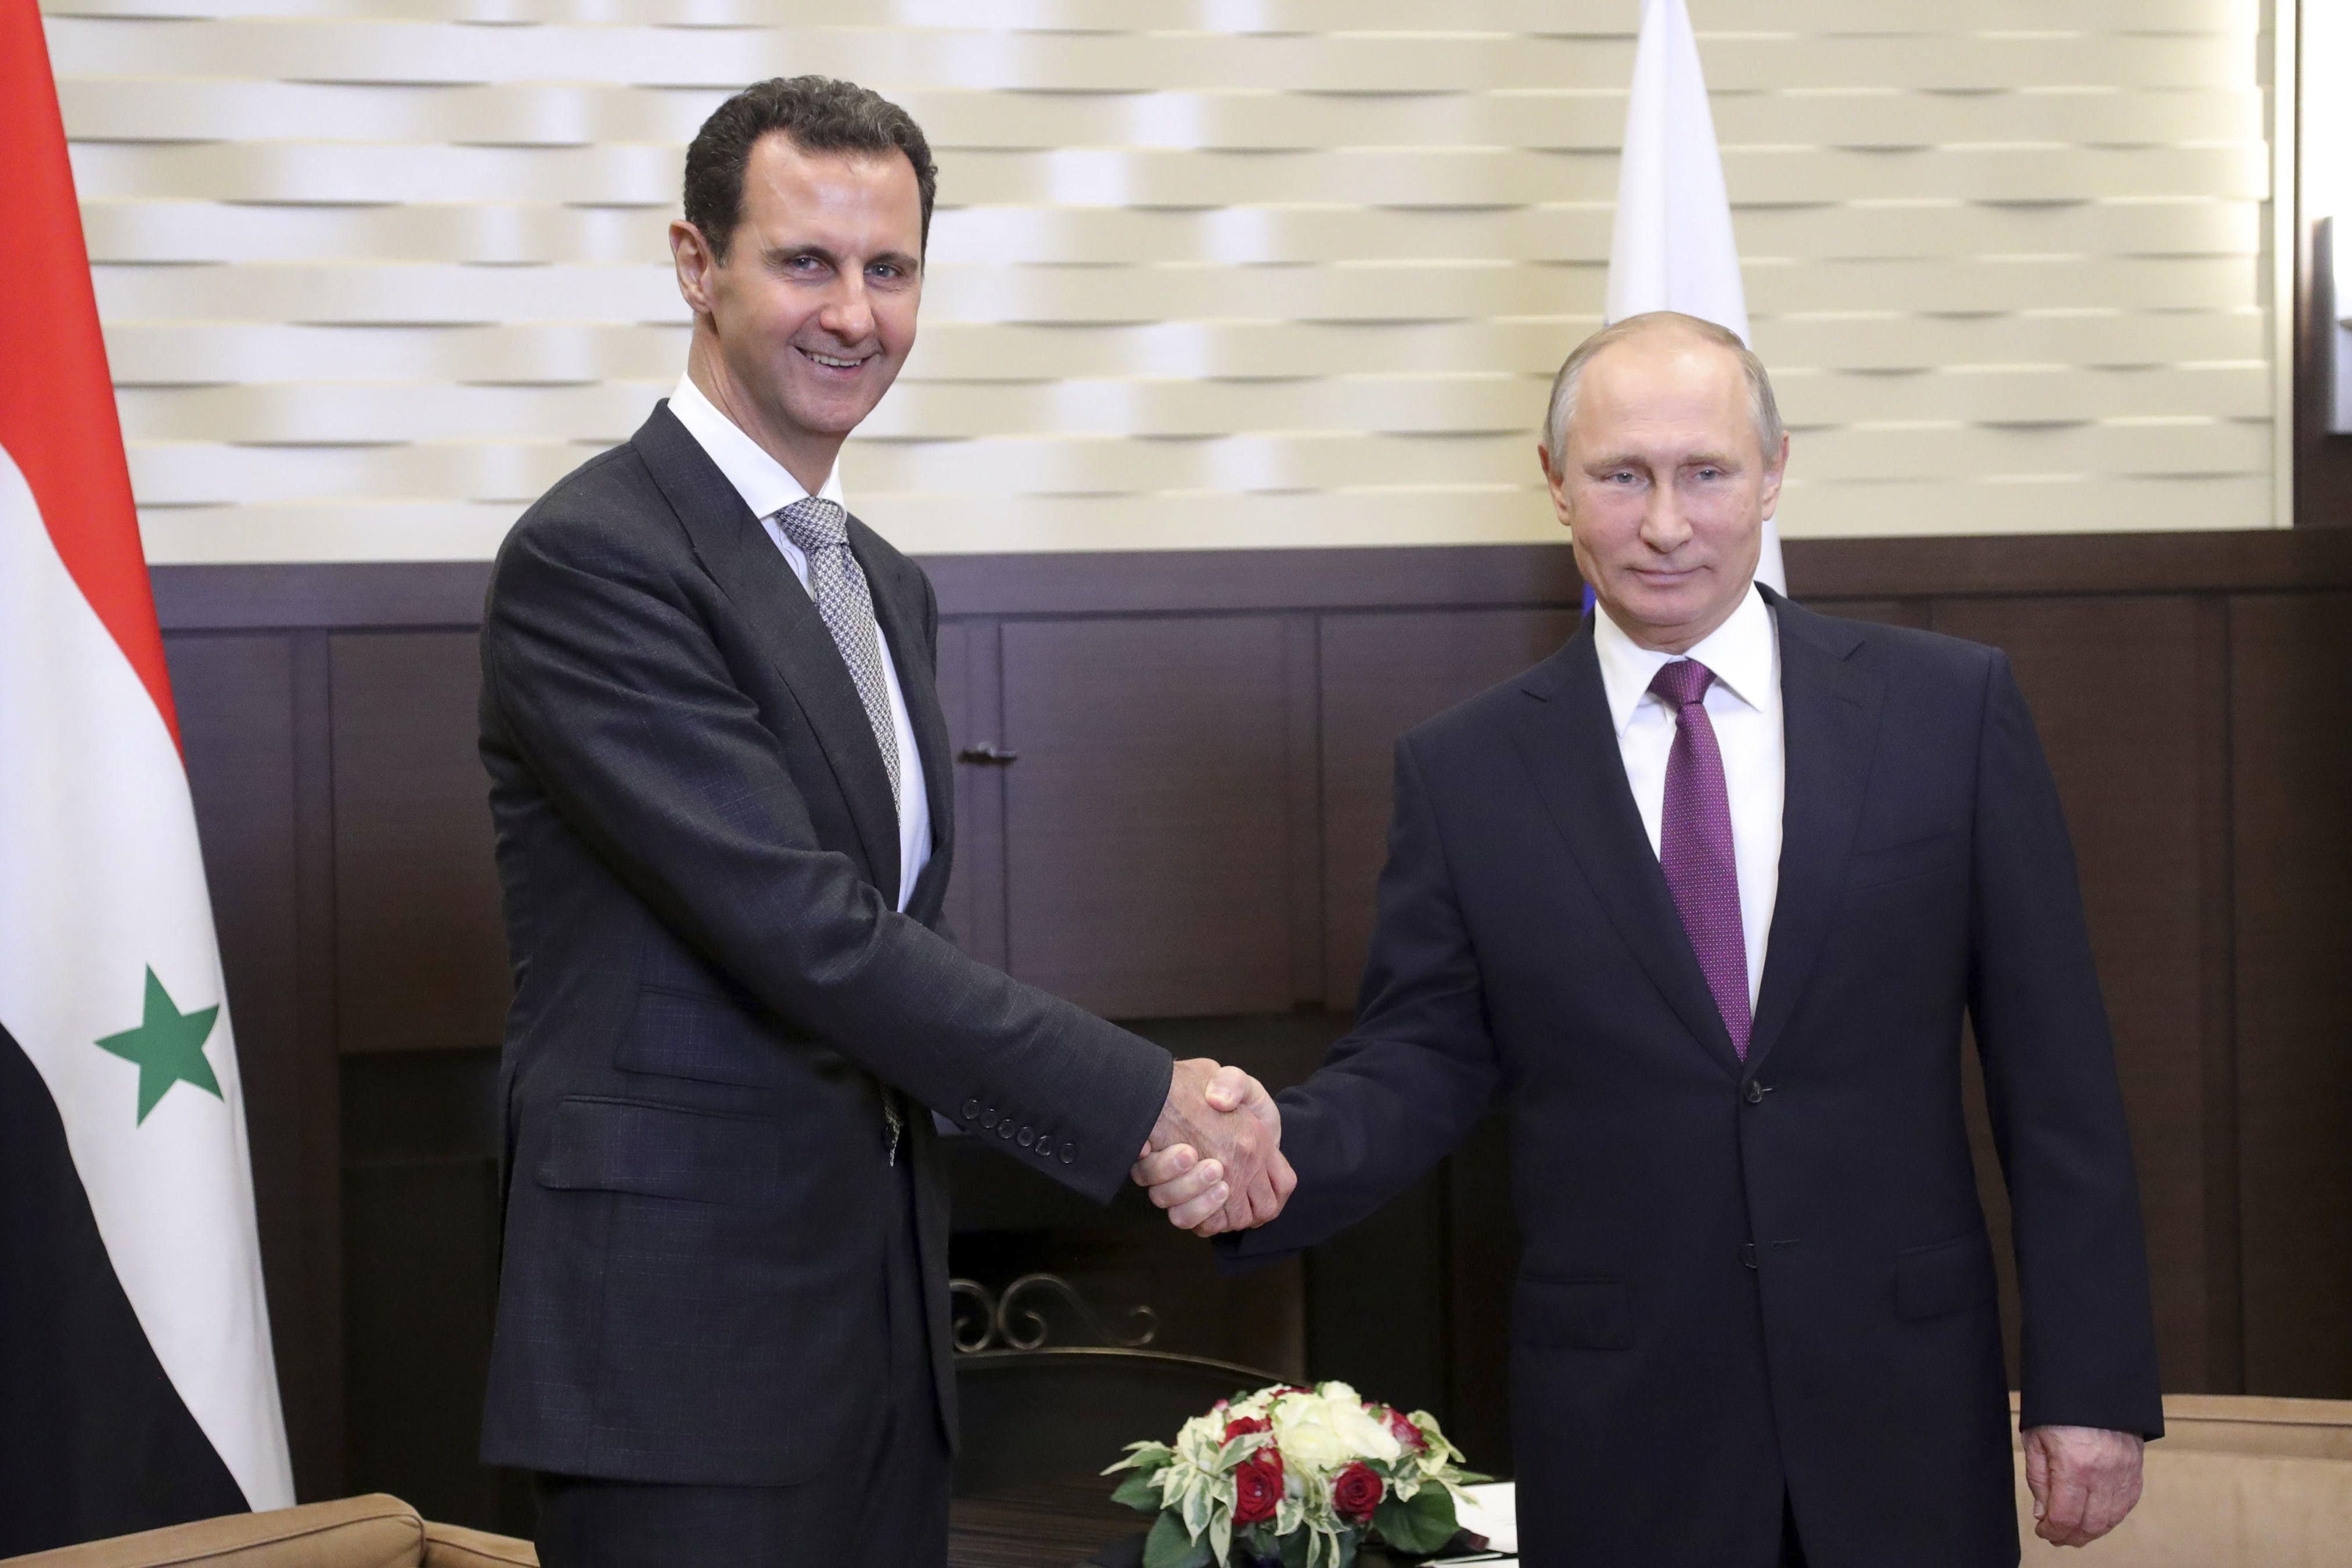 El presidente ruso Vladimir Putin y su par sirio Bashar Al Assad durante la reunión que mantuvieron en Sochi, Rusia. el 20 de noviembre 2017 (Reuters)